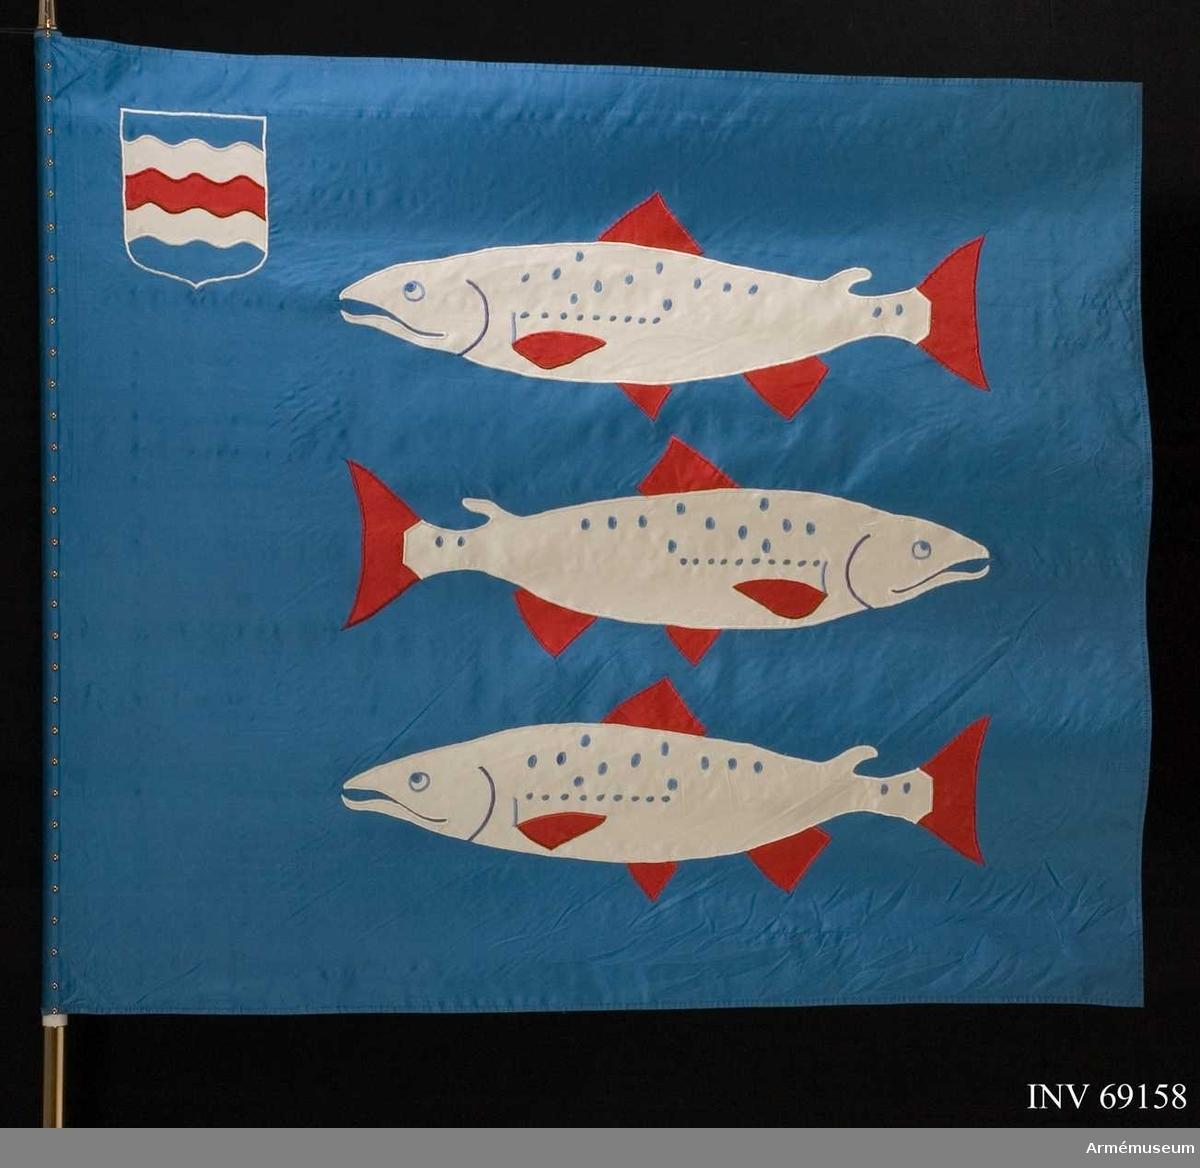 På blå duk landskapet Ångermanlands vapenbild; tre vita laxar med röd beväring, den mellersta vänsterställd, och i övre inre hörnet landskapet Medelpads vapenbild; med vågskuror fyra gånger delat av blått, vitt, rött, vitt och blått.  Duken är av siden och motivet utfört i intarsia och maskinbroderi. Fanspets med Carl XVI Gustafs namnchiffer. Delad stång.